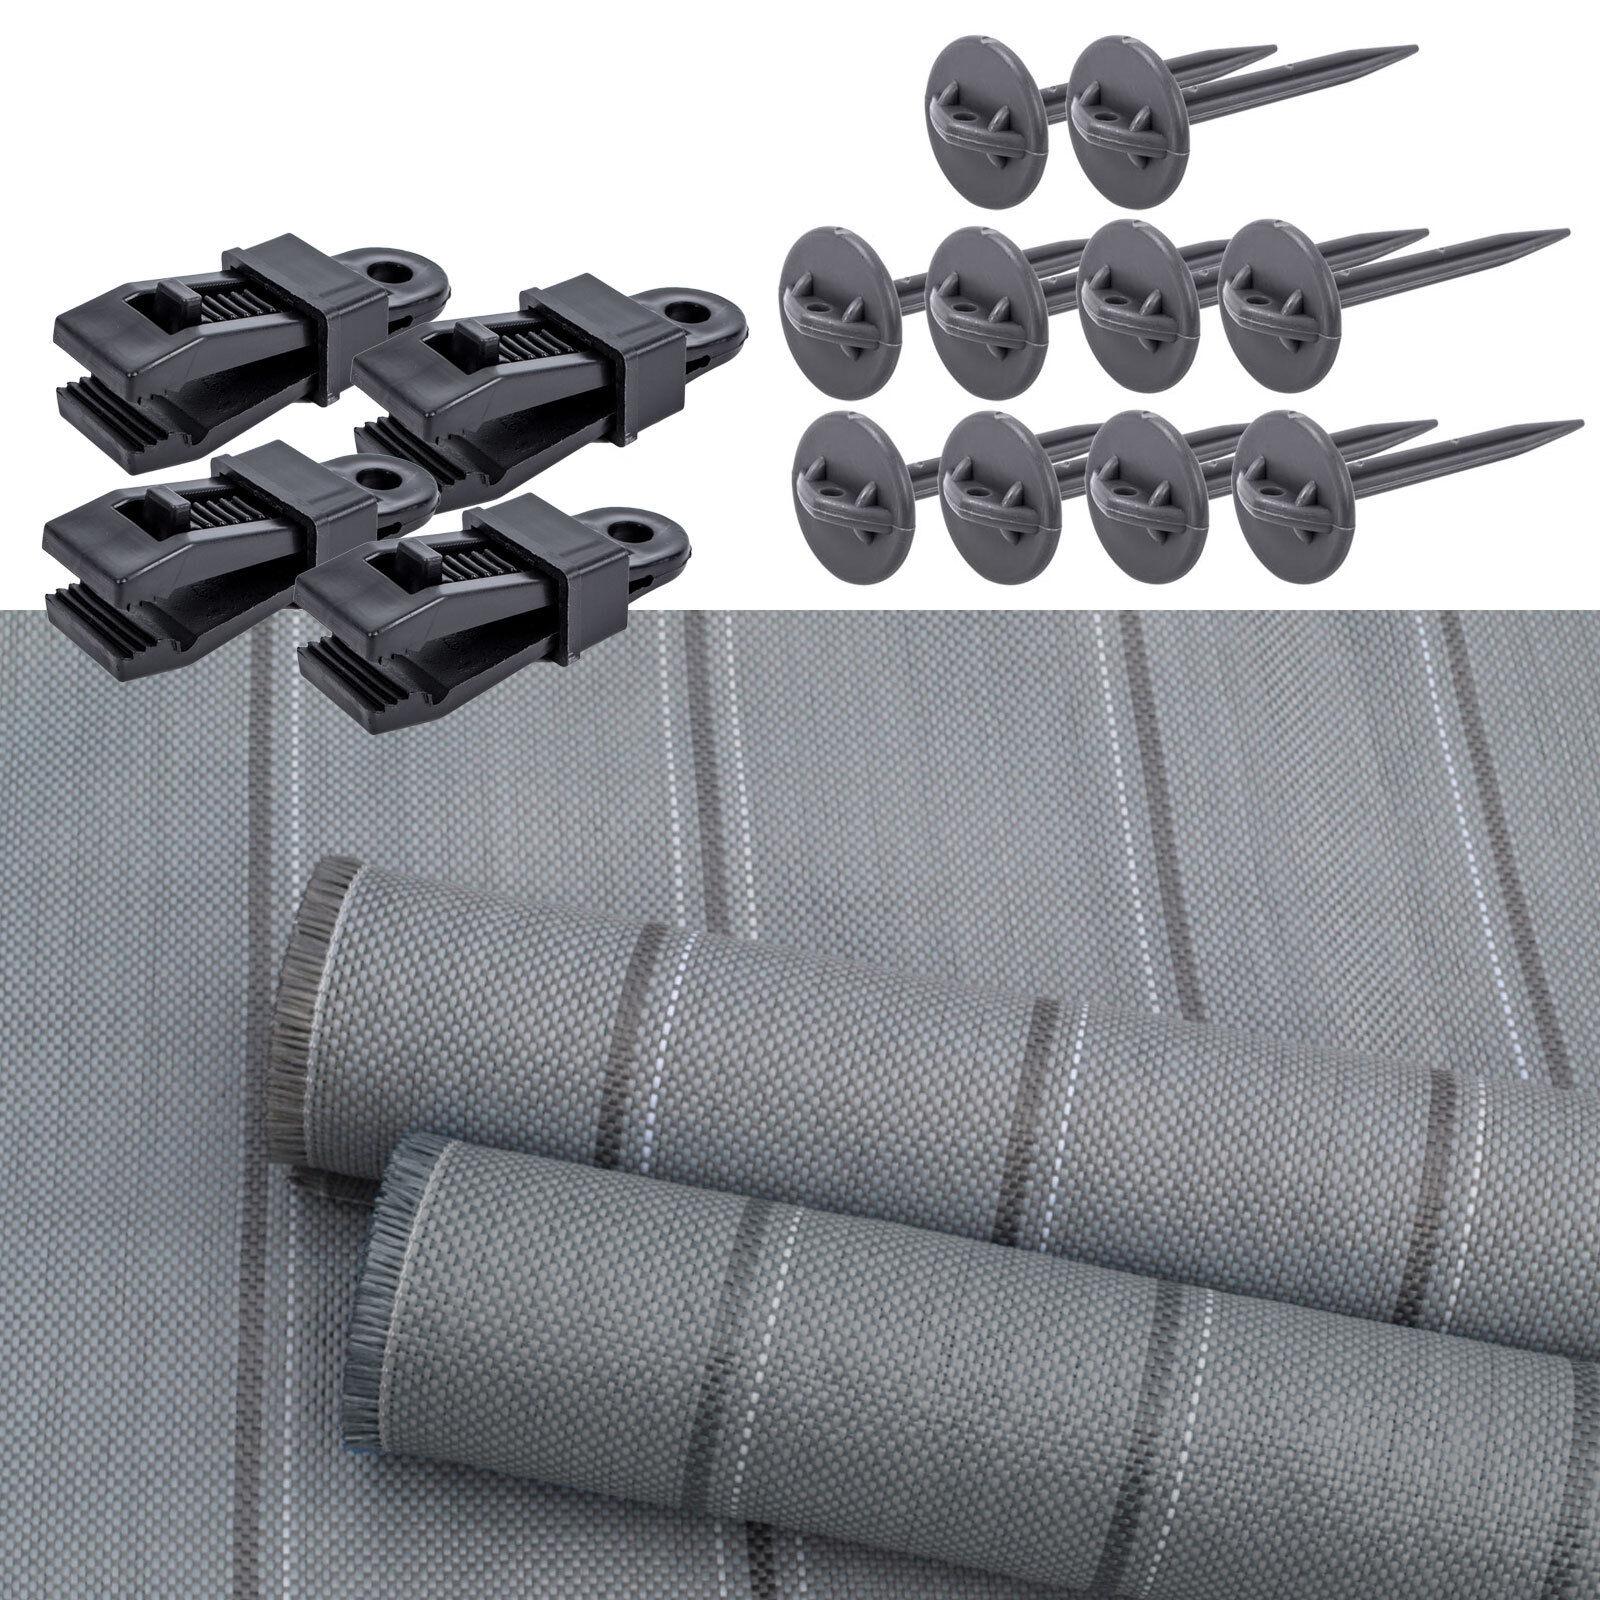 Arisol Vorzeltteppich Set  250x400 grey + Teppichclips + Heringe für Wohnwagen  amazing colorways